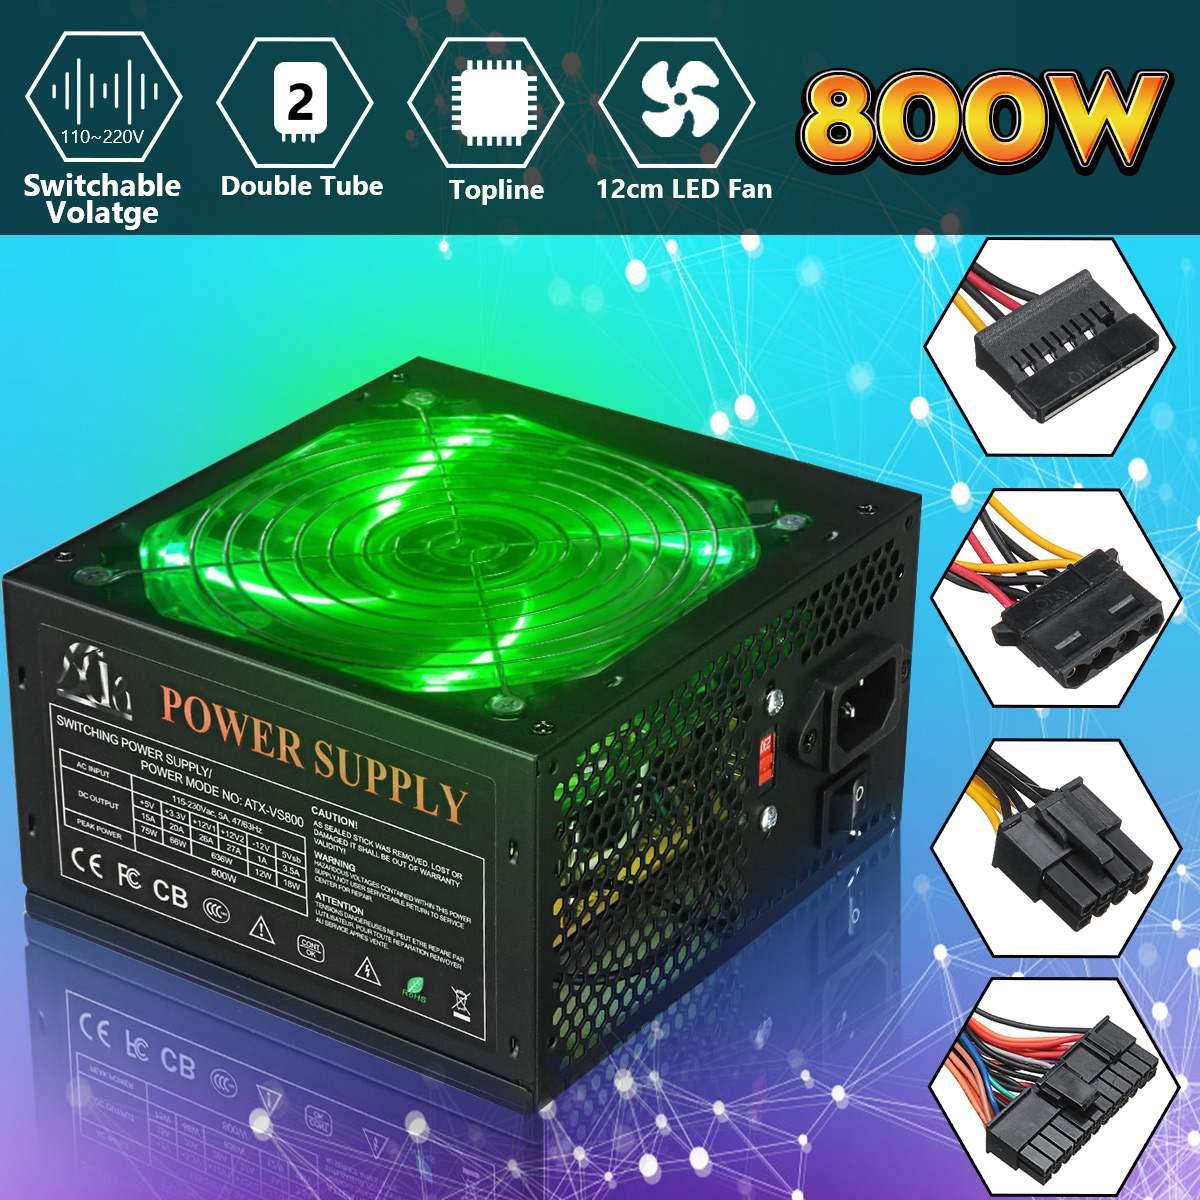 110 ~ 220V 800W PC alimentation 12cm LED ventilateur silencieux avec contrôle de température Intelligent Intel AMD ATX 12V pour ordinateur de bureau